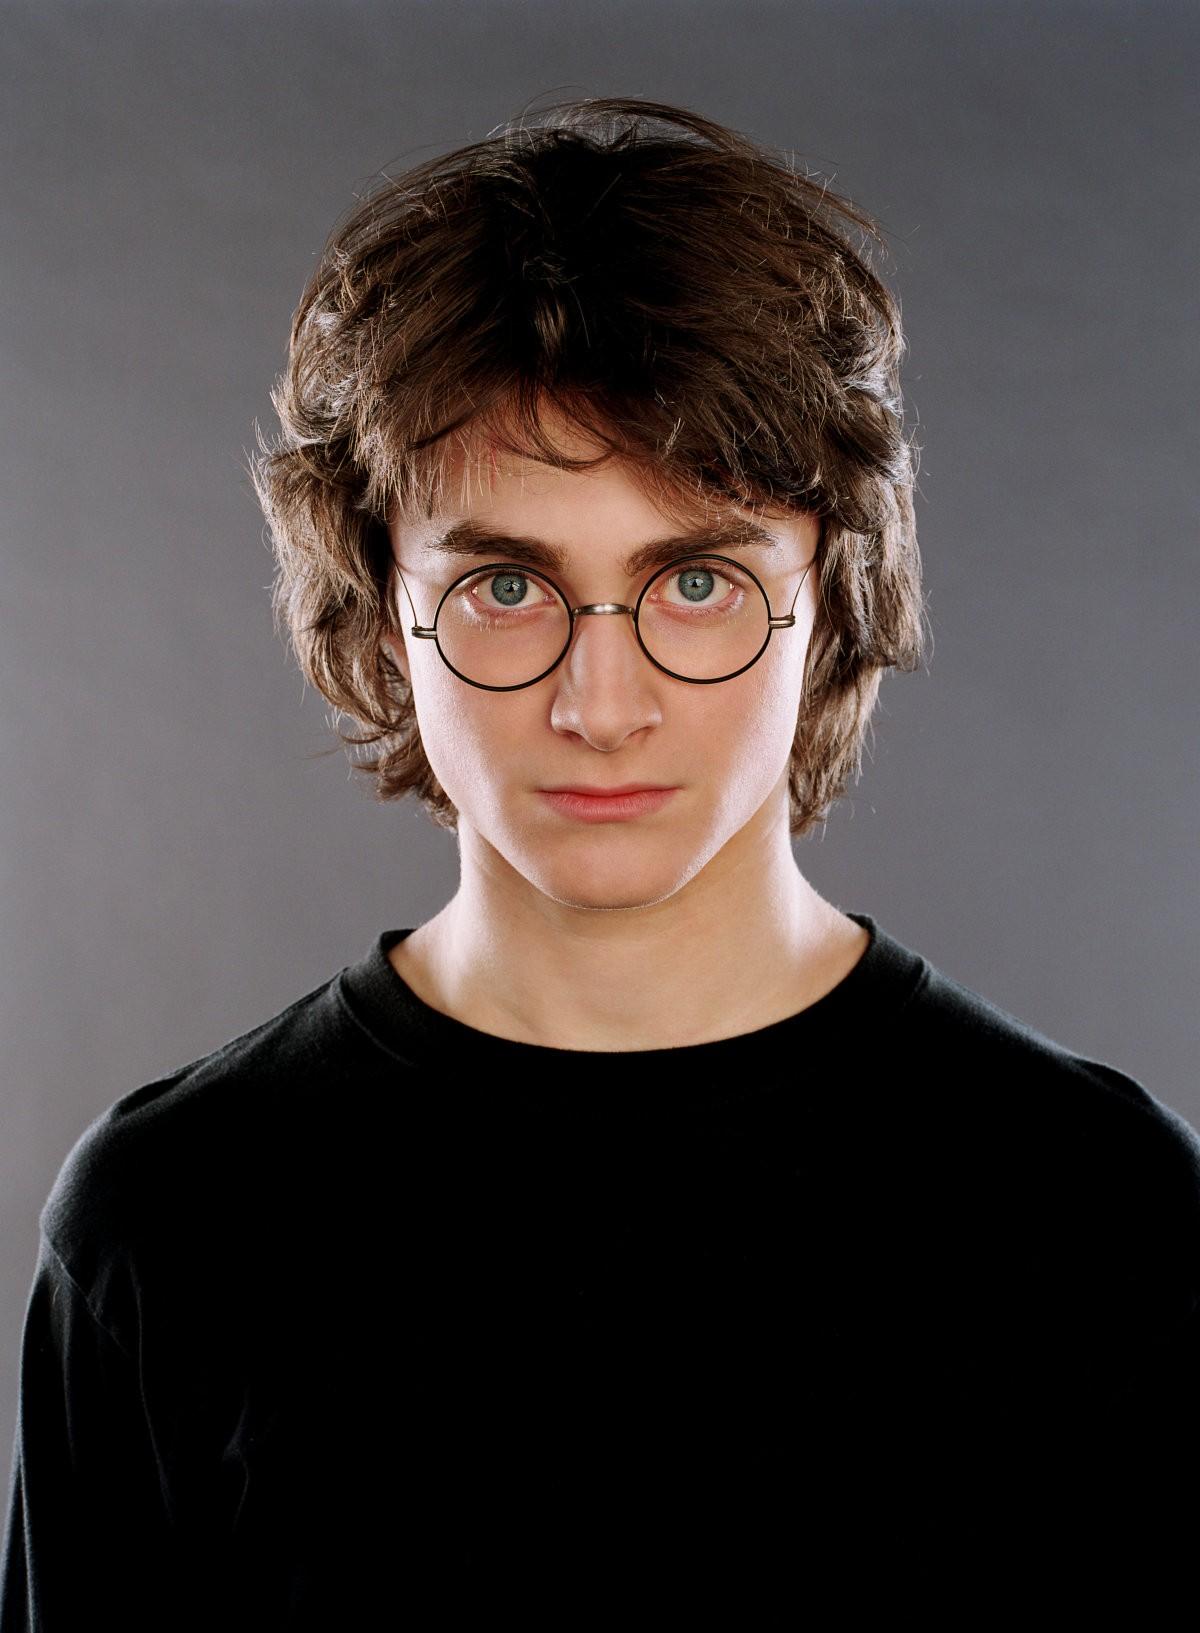 Quel sort de 'Harry Potter' es-tu ?